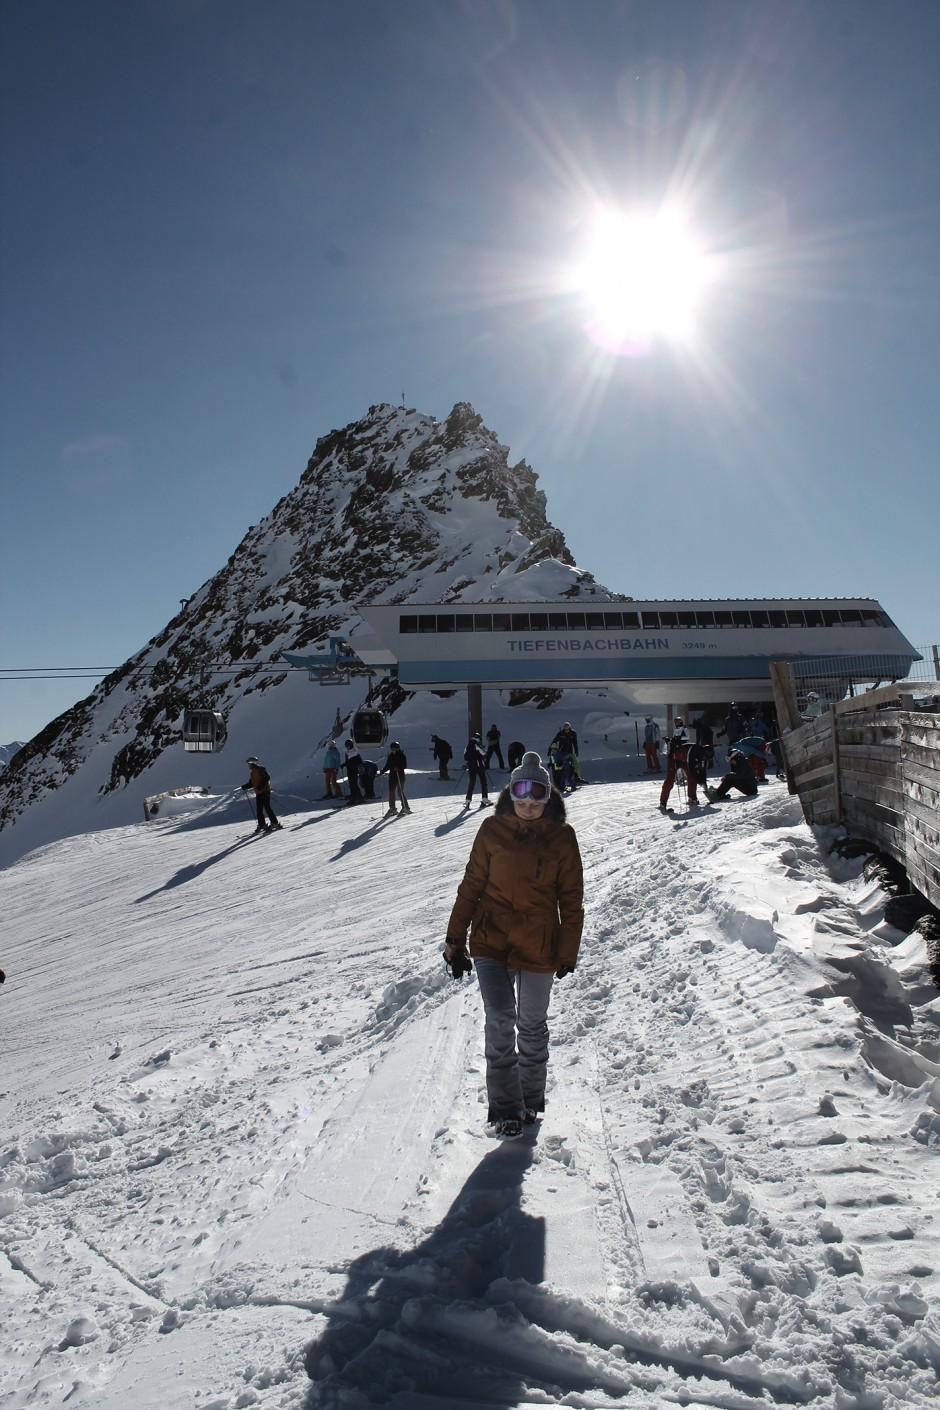 soelden-oesterreich-5-gletscher-freunde-skifahren-skigebiet-oetztal_24